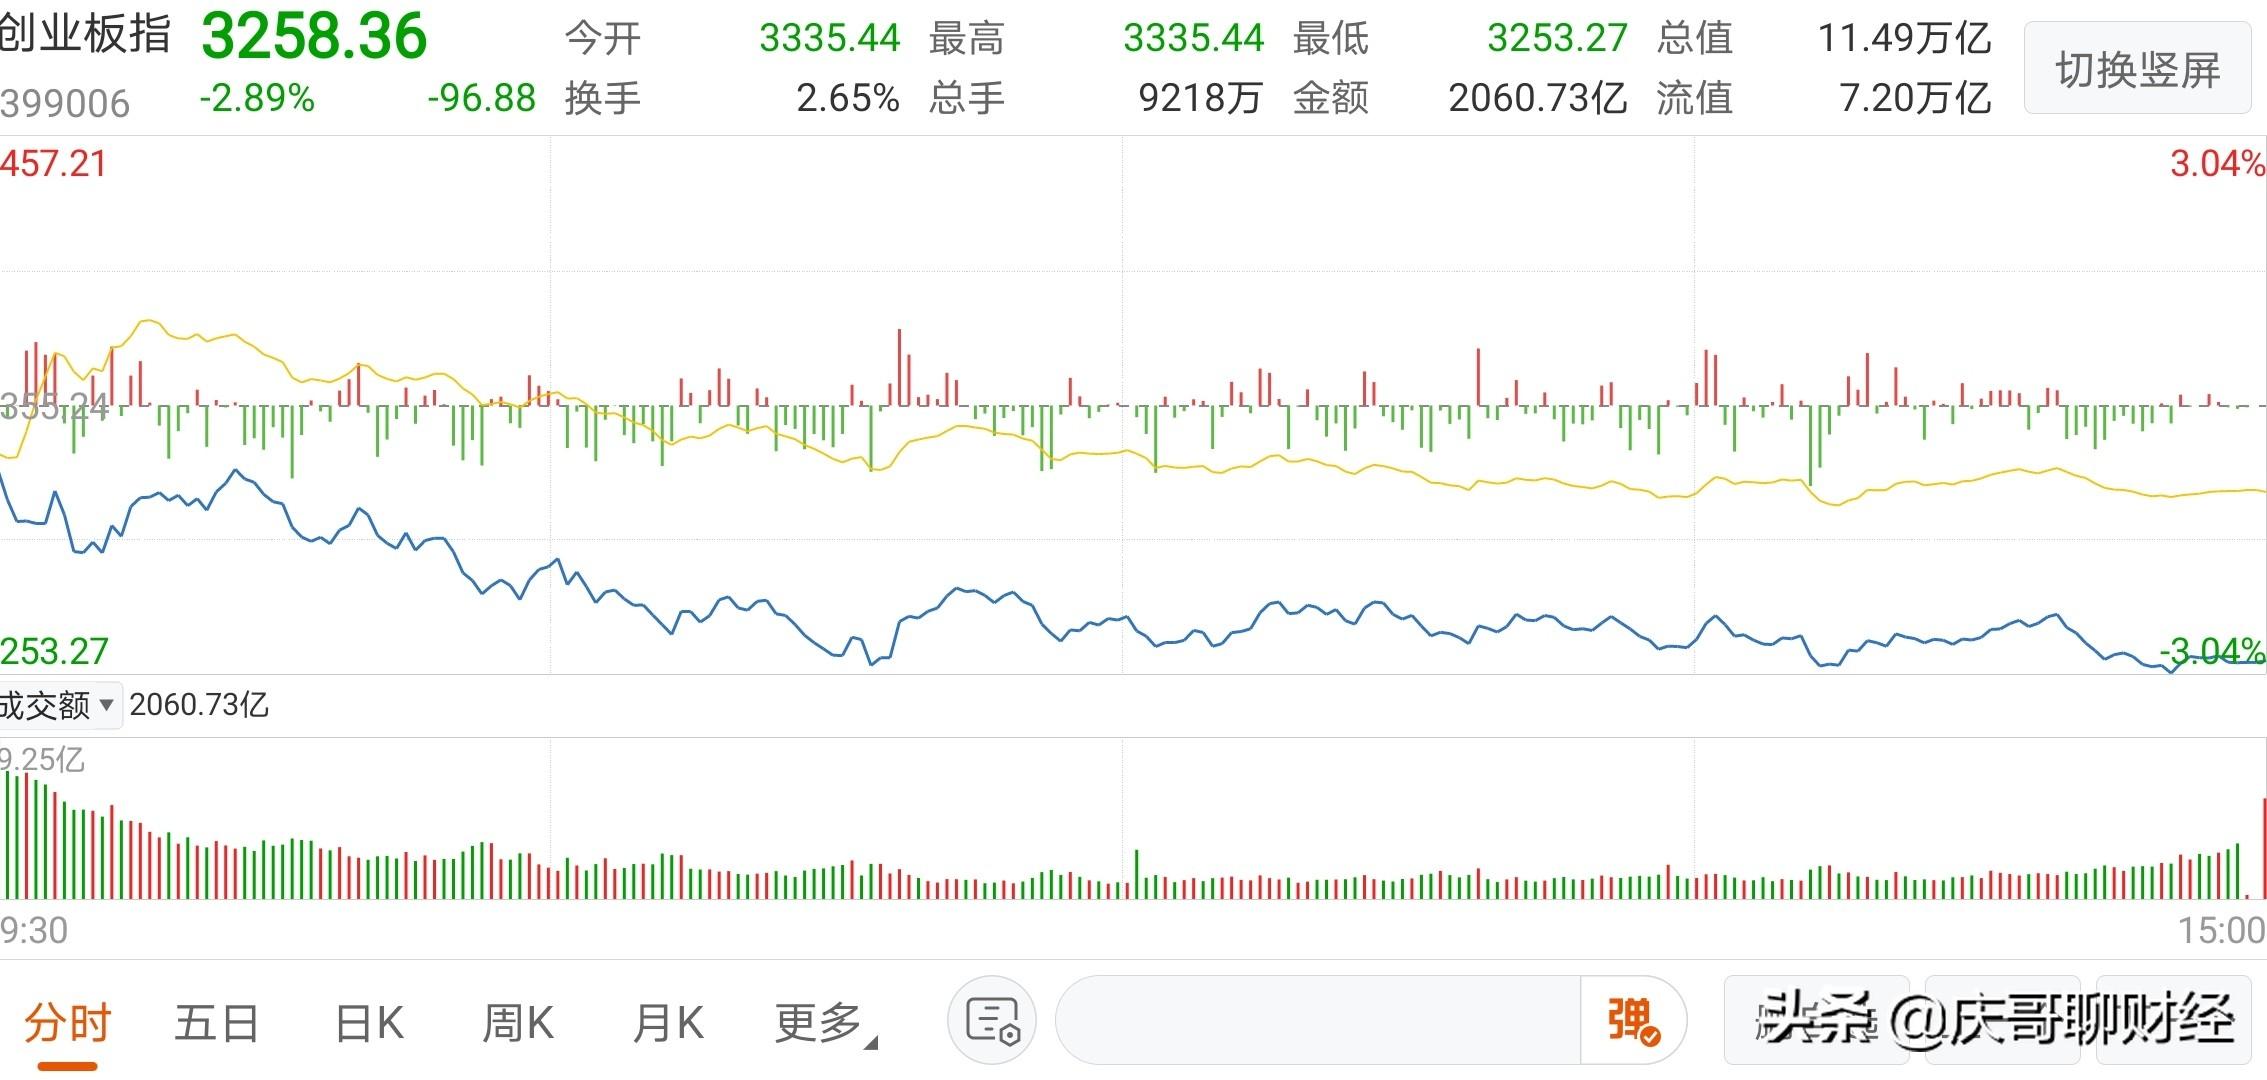 1.27早评:美的集团股价再度迎来调整?